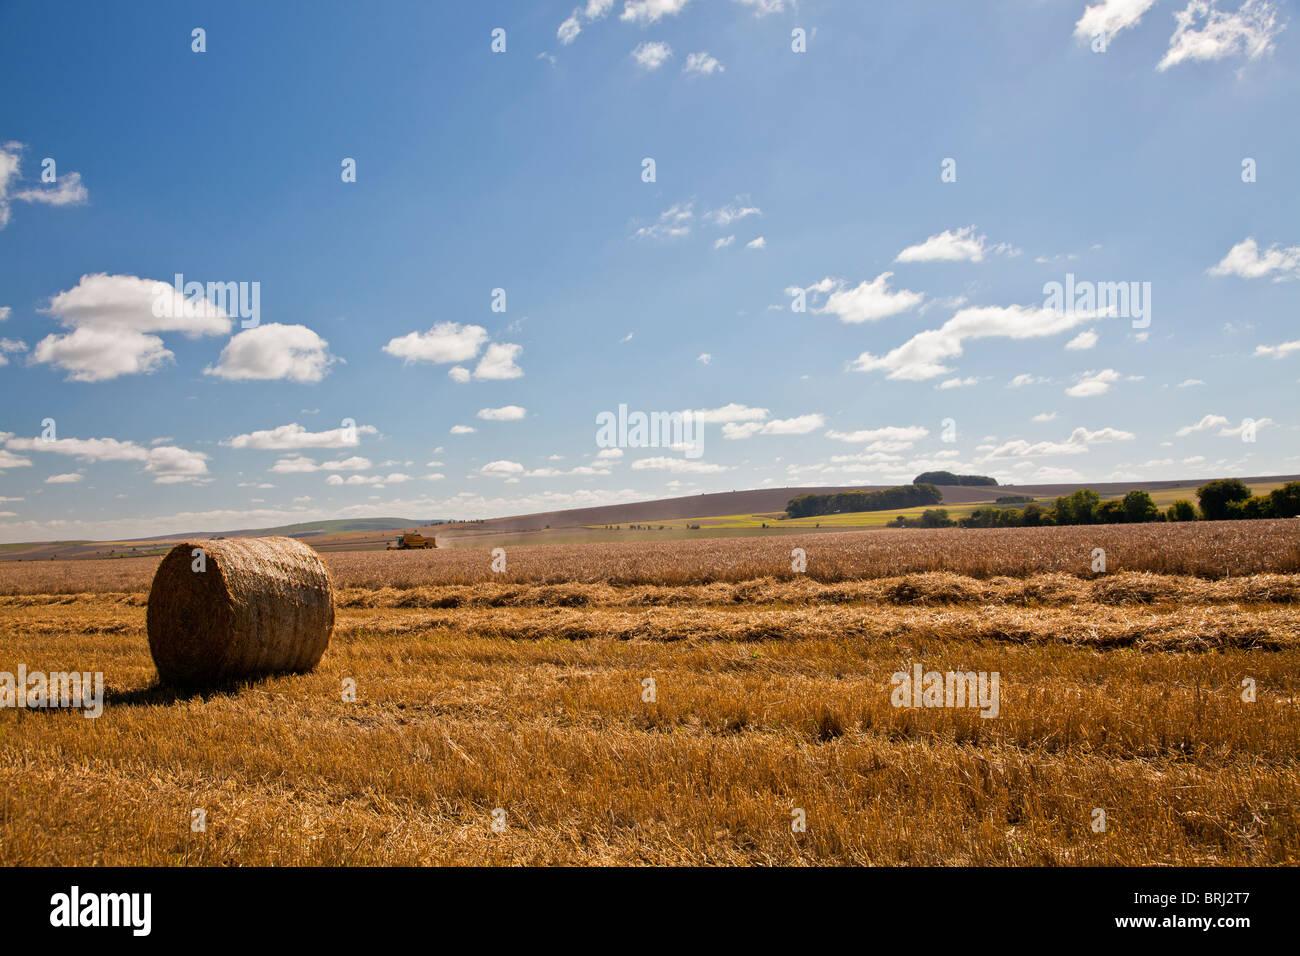 La fenaison dans les champs à proximité de Roundway Down, Wiltshire, England, UK Photo Stock